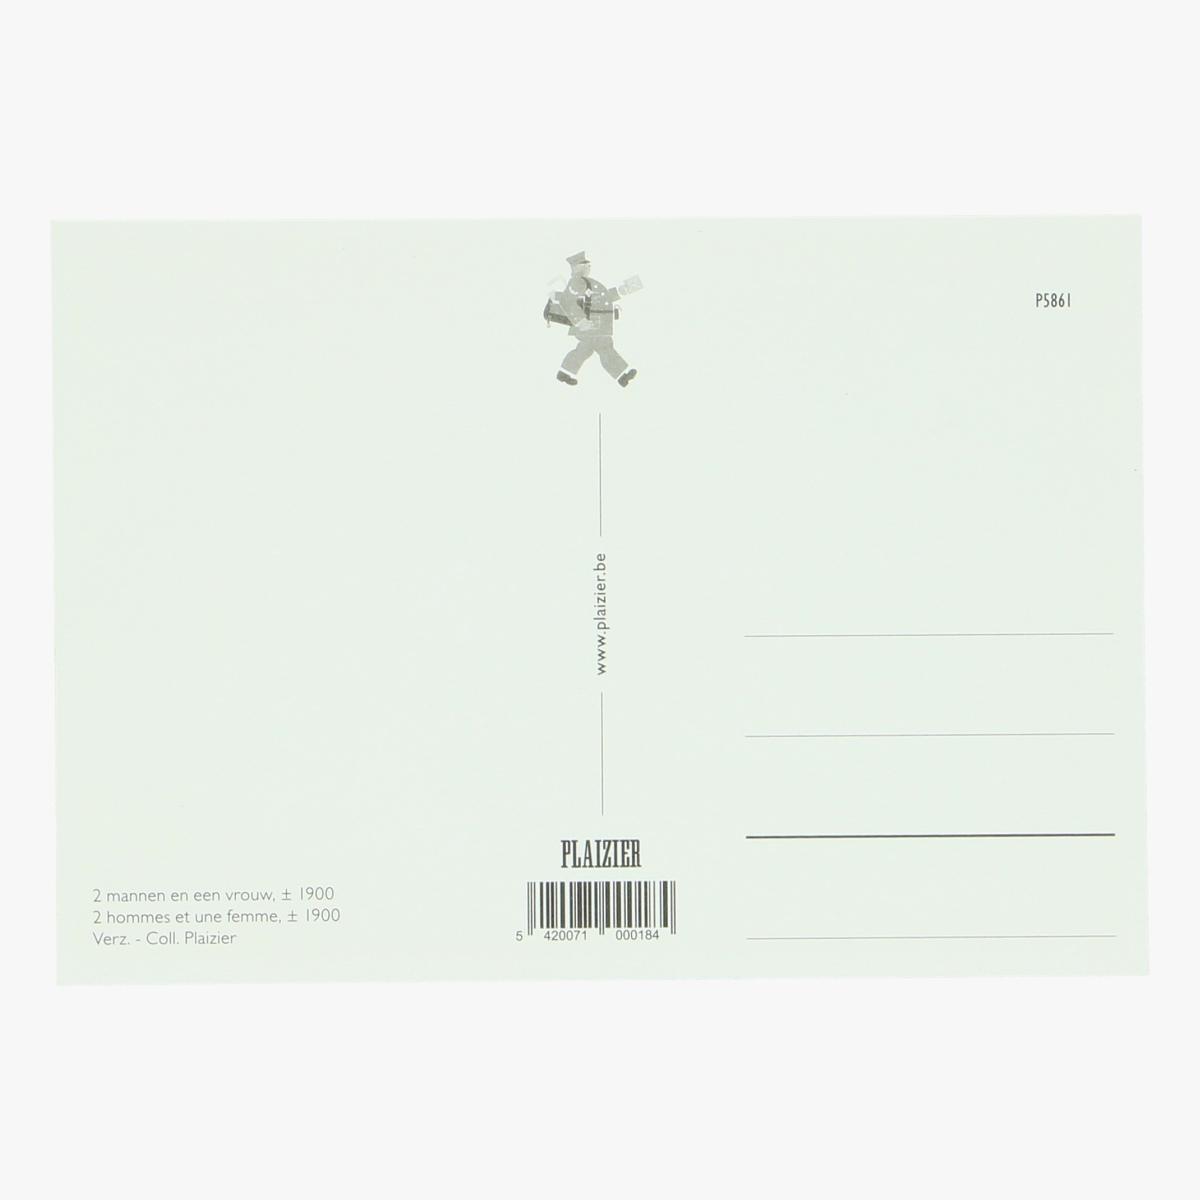 Afbeeldingen van postkaart 2 mannen en en vrouw 1900 repro